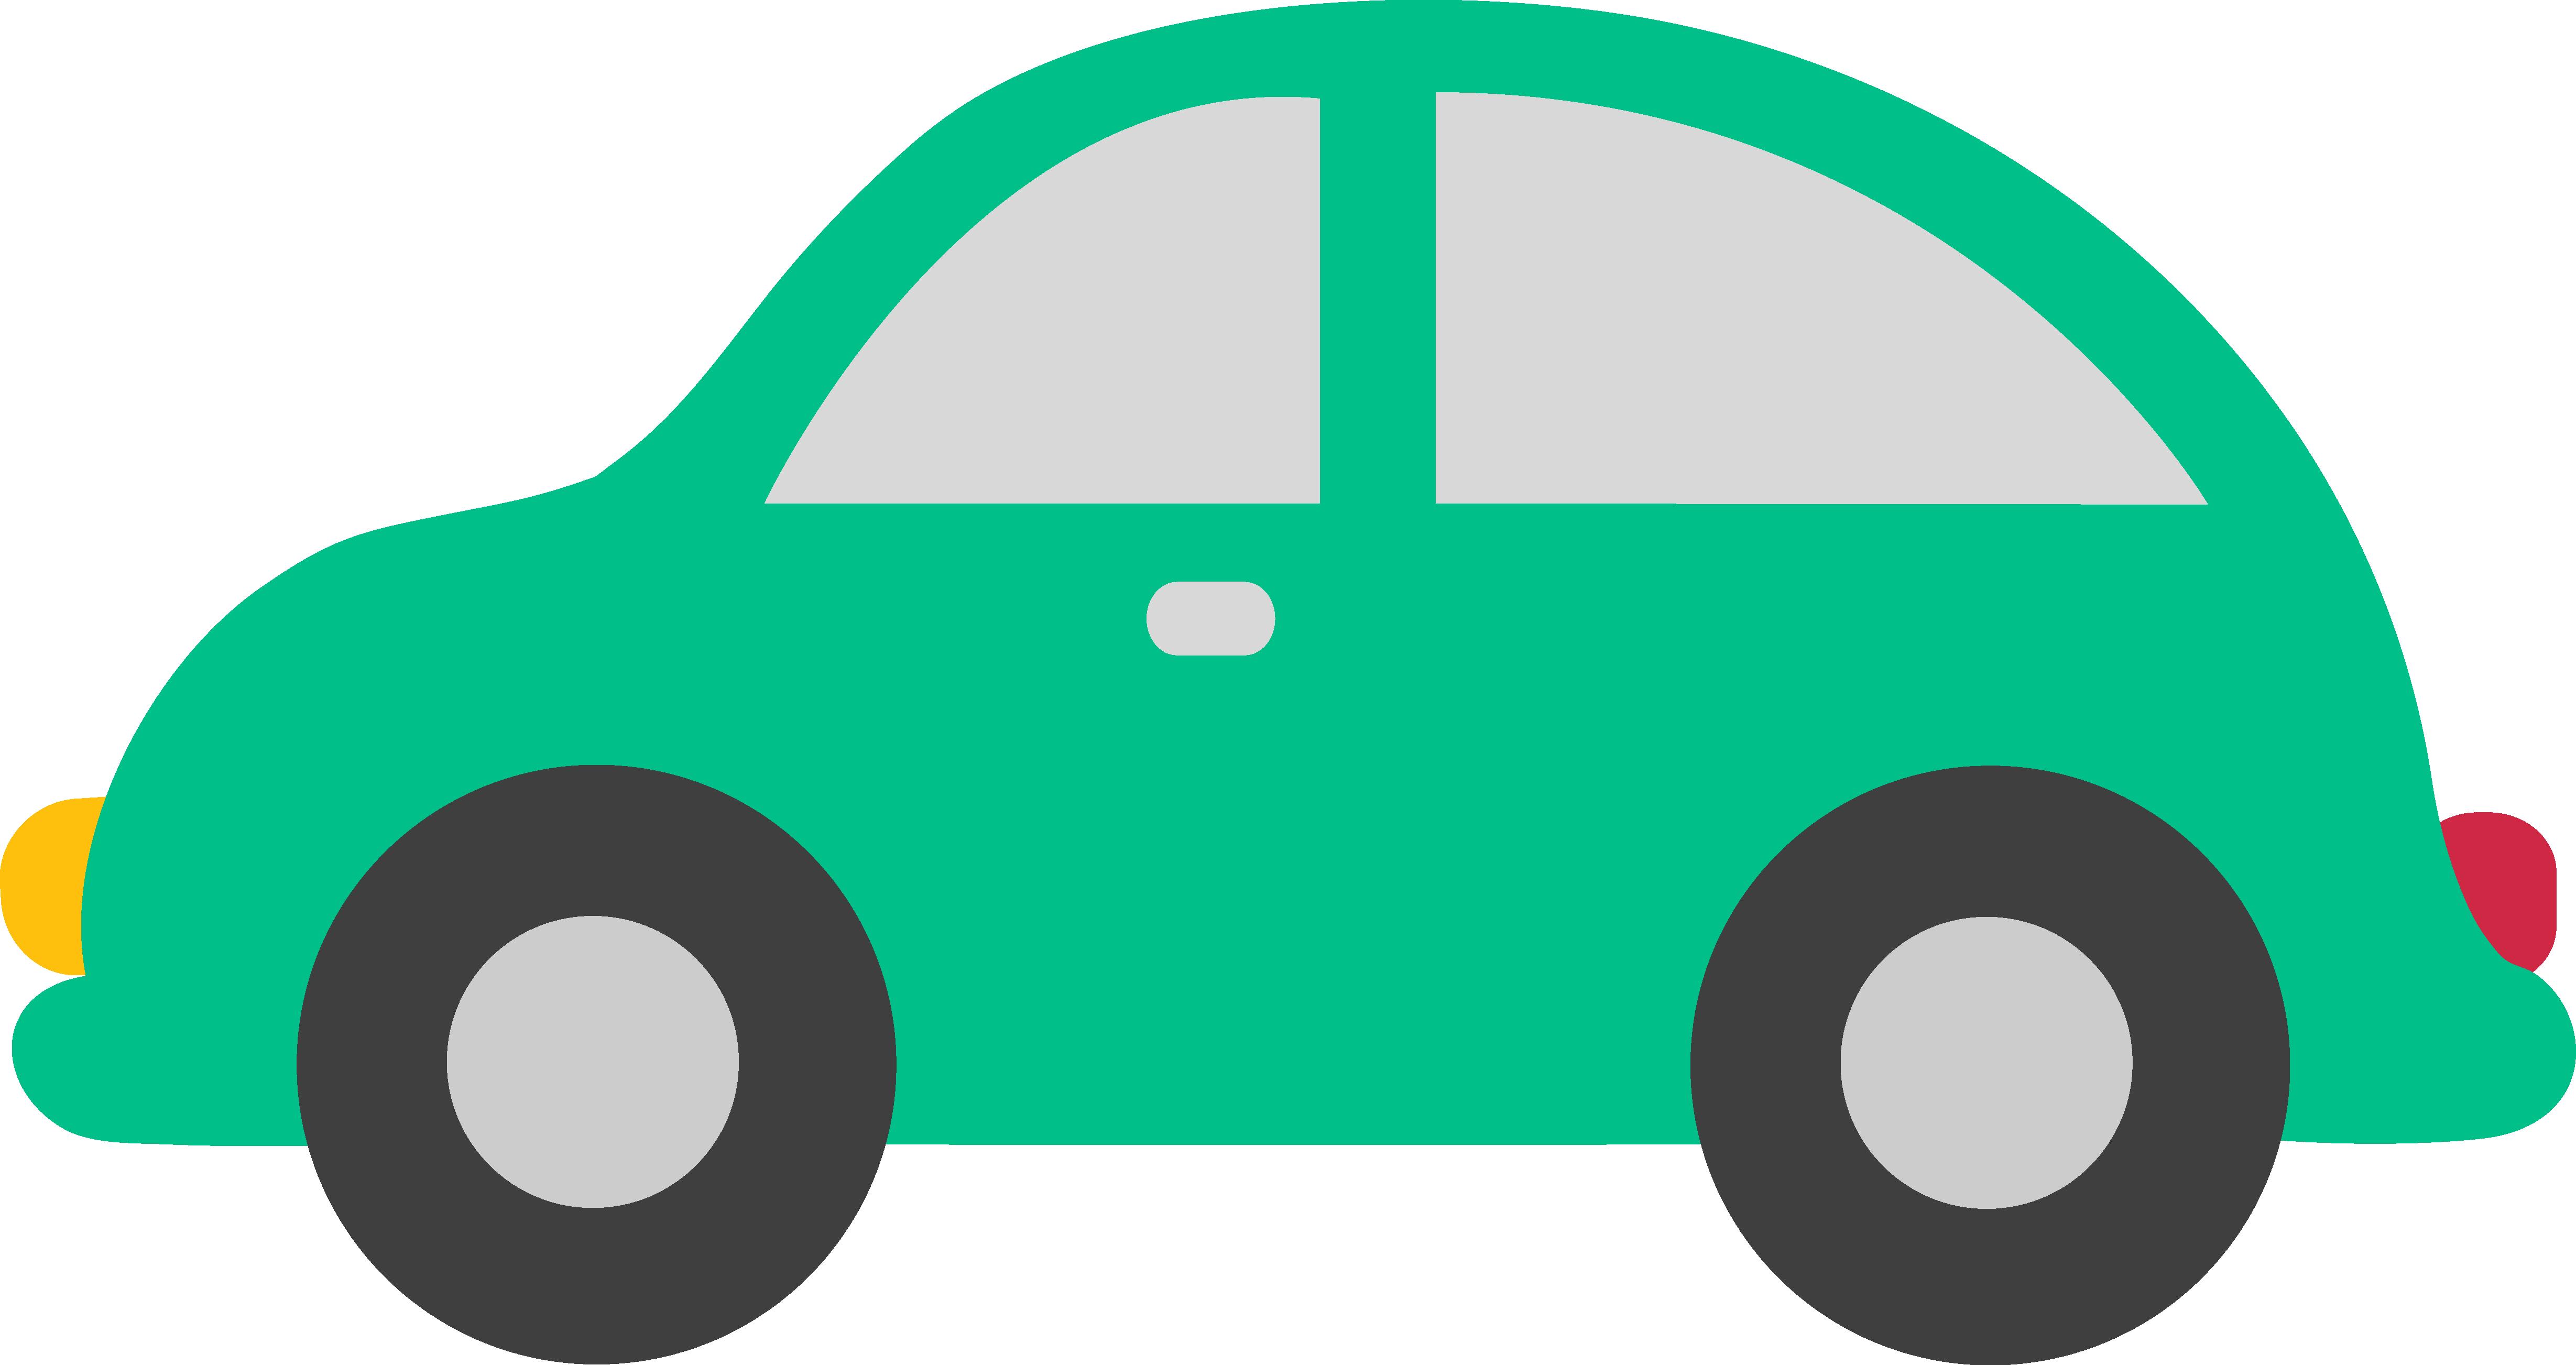 Free clicpart cartoon cars clipart the c-Free clicpart cartoon cars clipart the cliparts-2